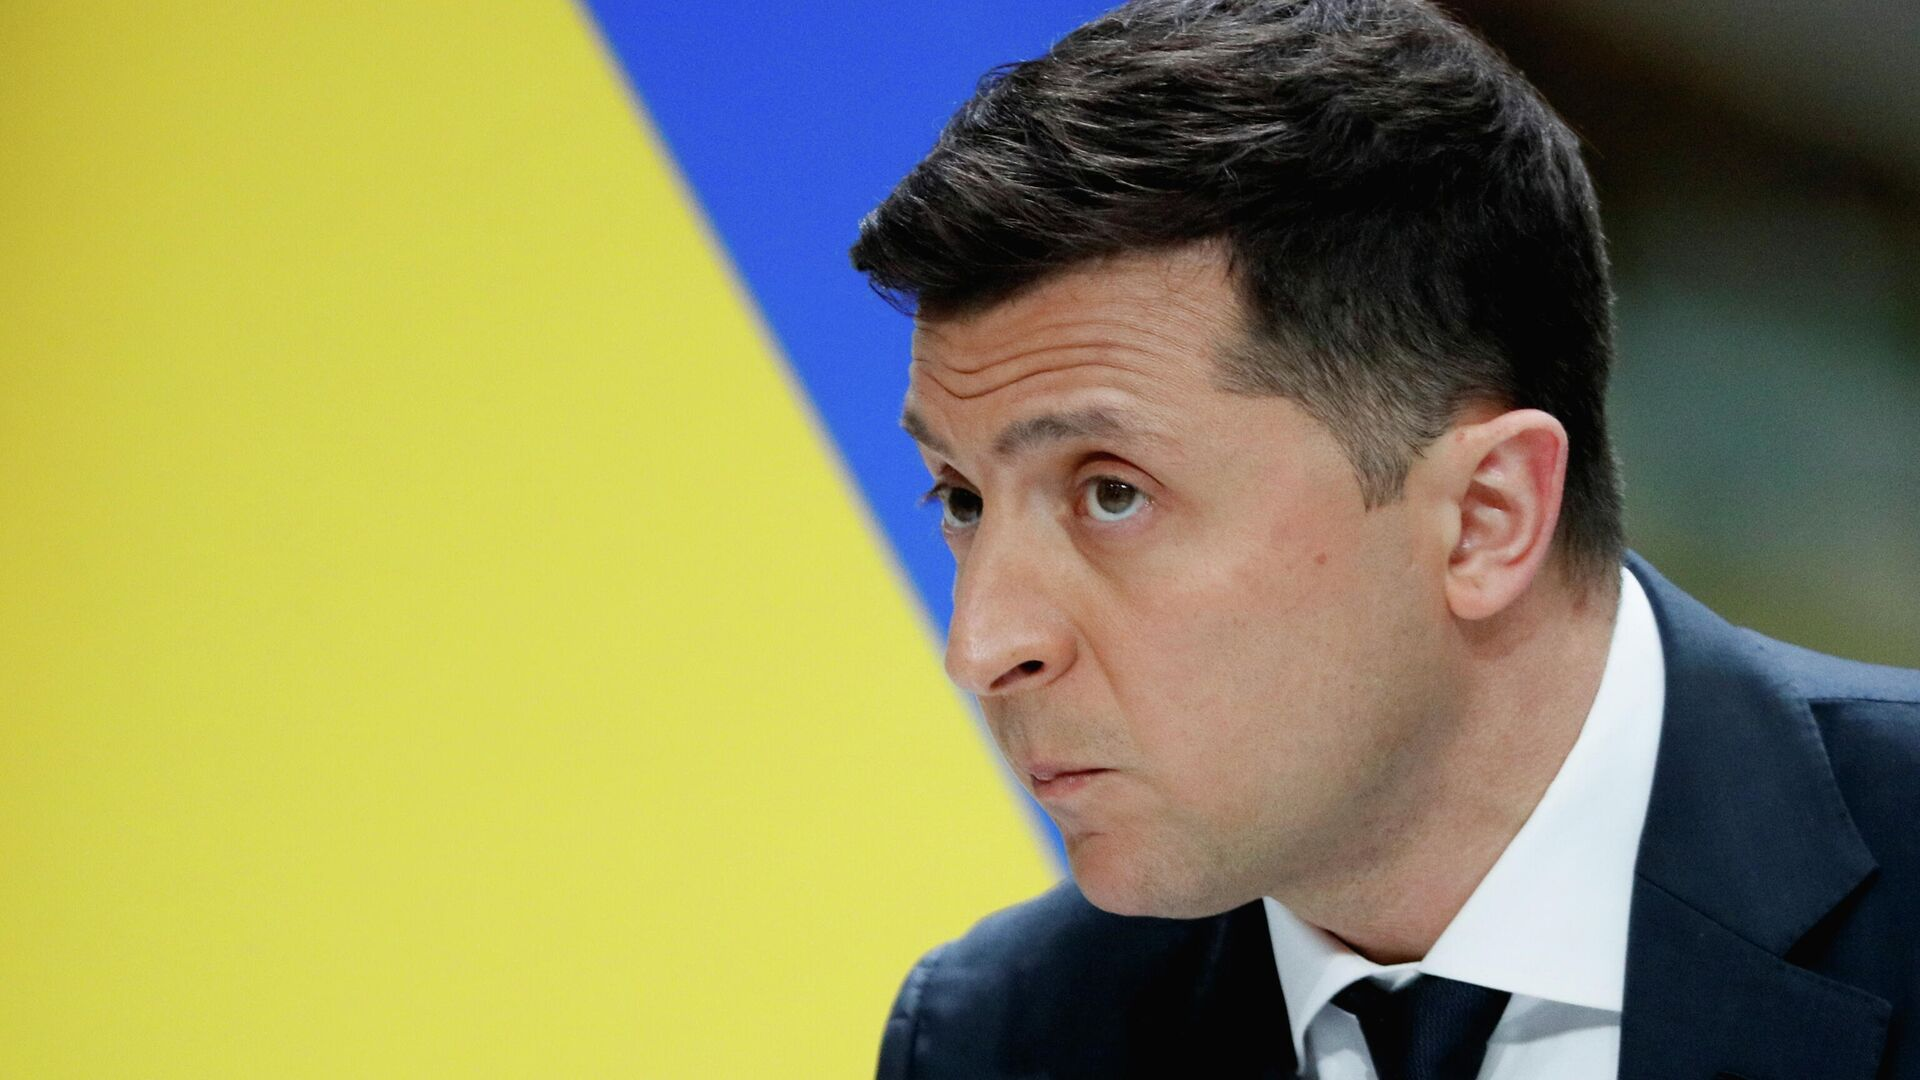 Президент Украины Владимир Зеленский во время пресс-конференции по итогам второго года своей работы на авиазаводе Антонов - РИА Новости, 1920, 10.06.2021